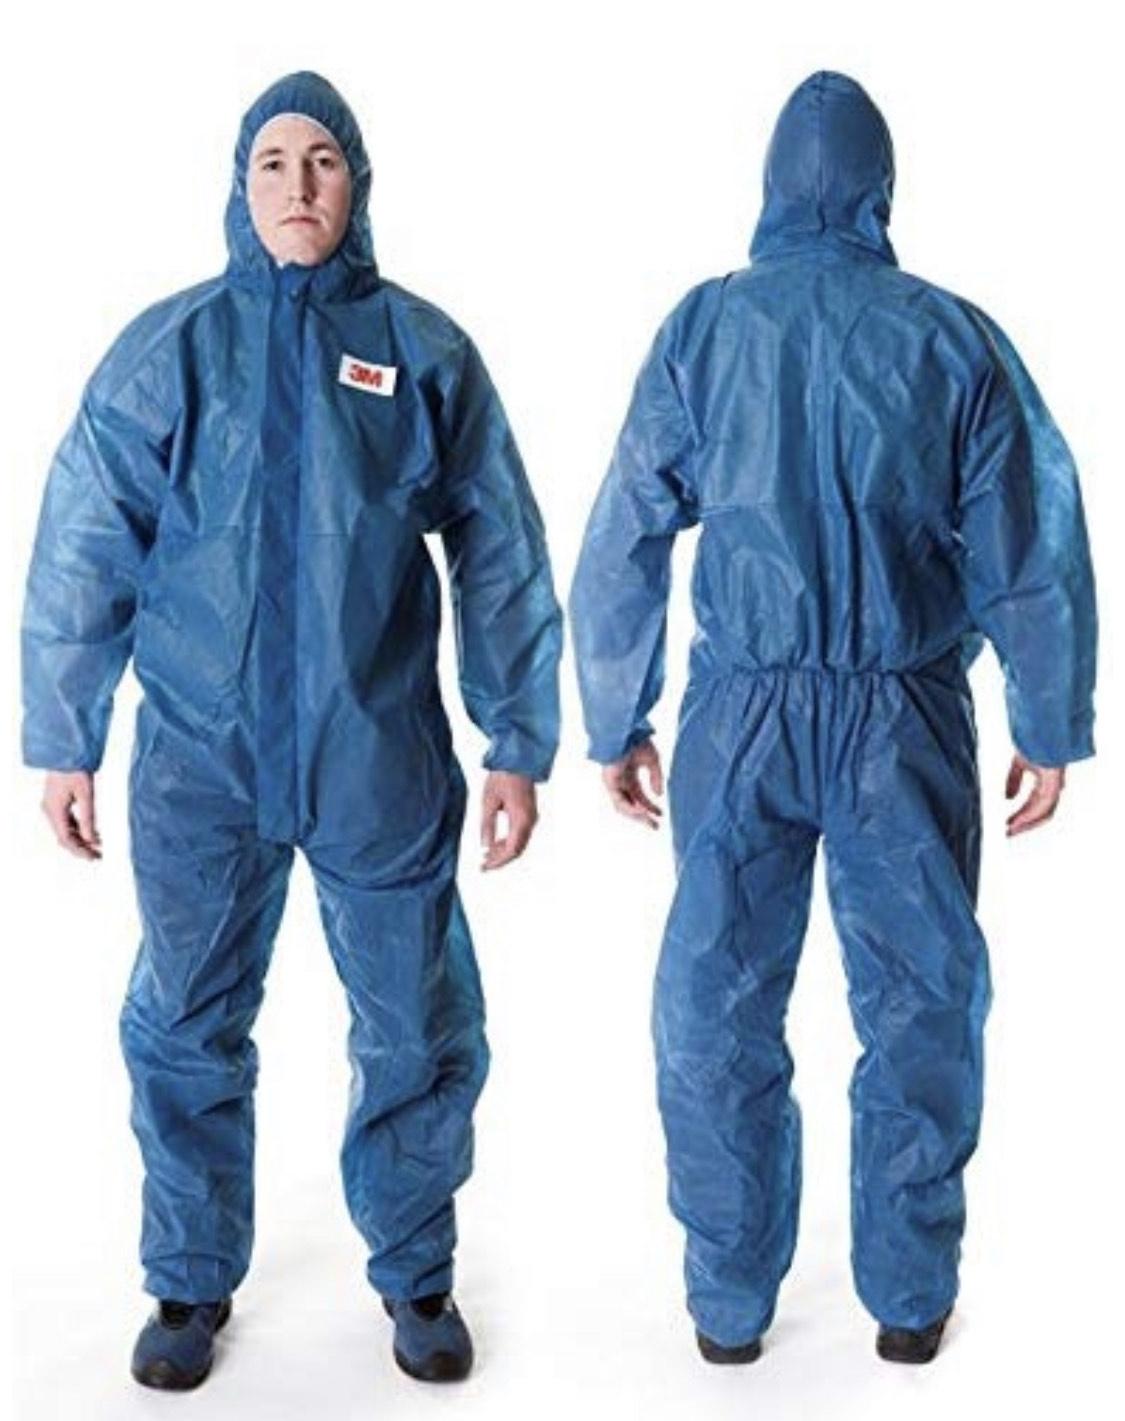 Blue 3M Coverall, Blue, 4500-B-L suit (Large) - £3.47 (+£4.49 non-Prime) @ Amazon